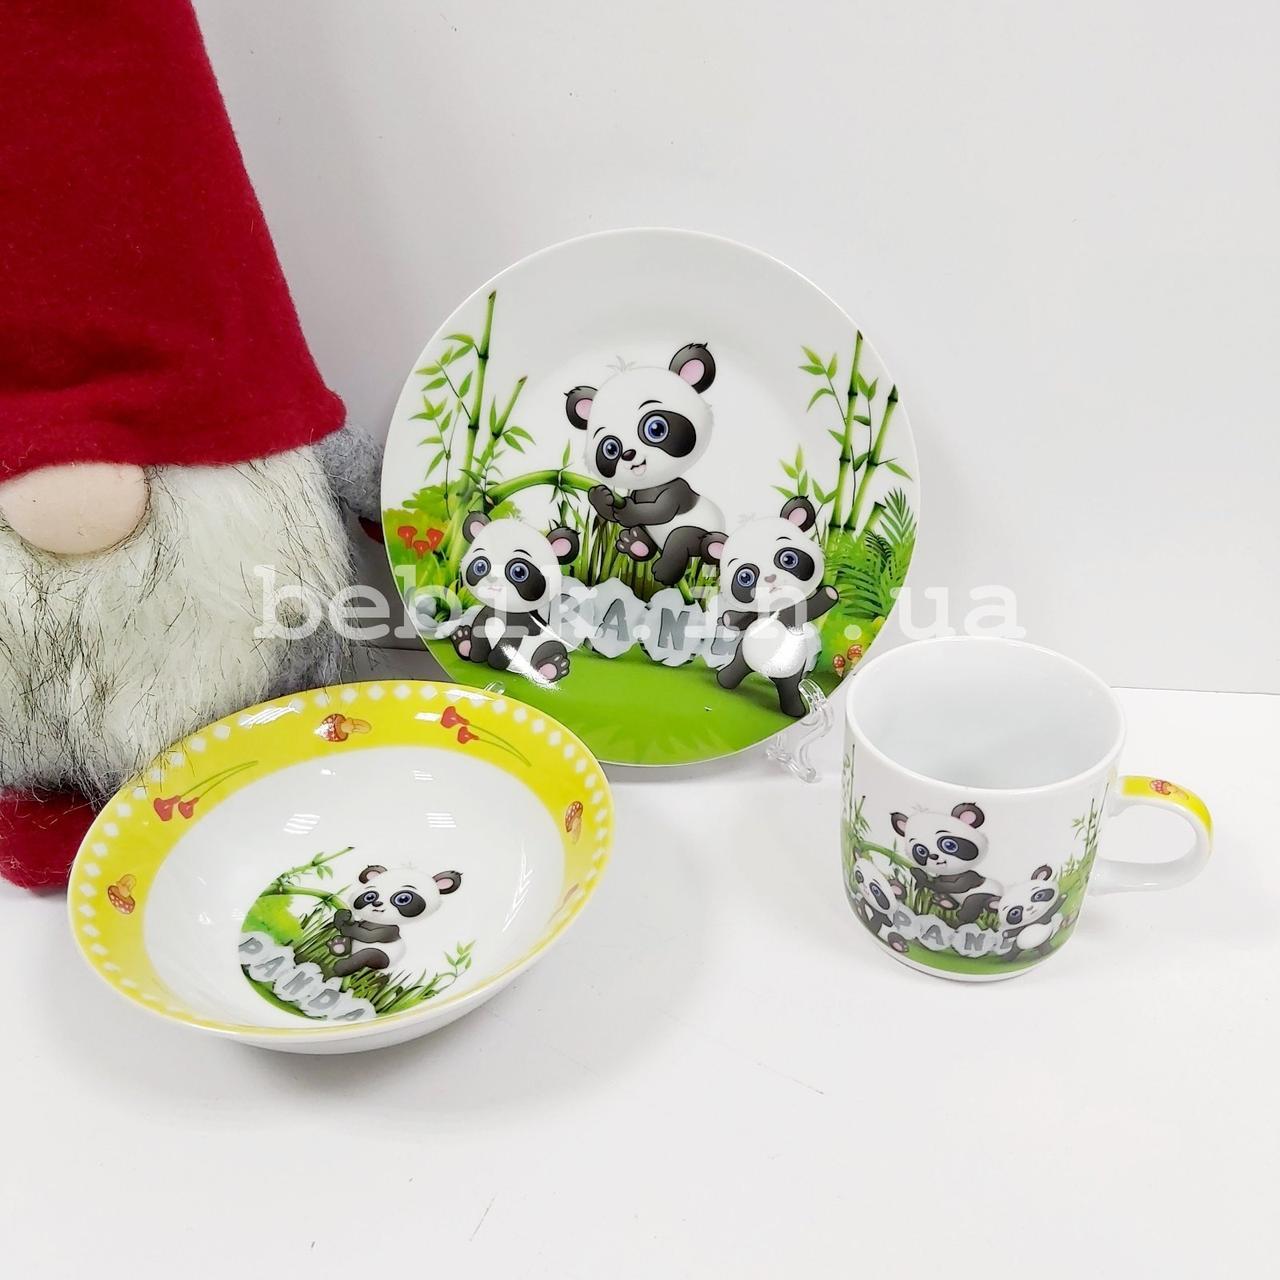 Керамический набор посуды для детей с изображением пандочек